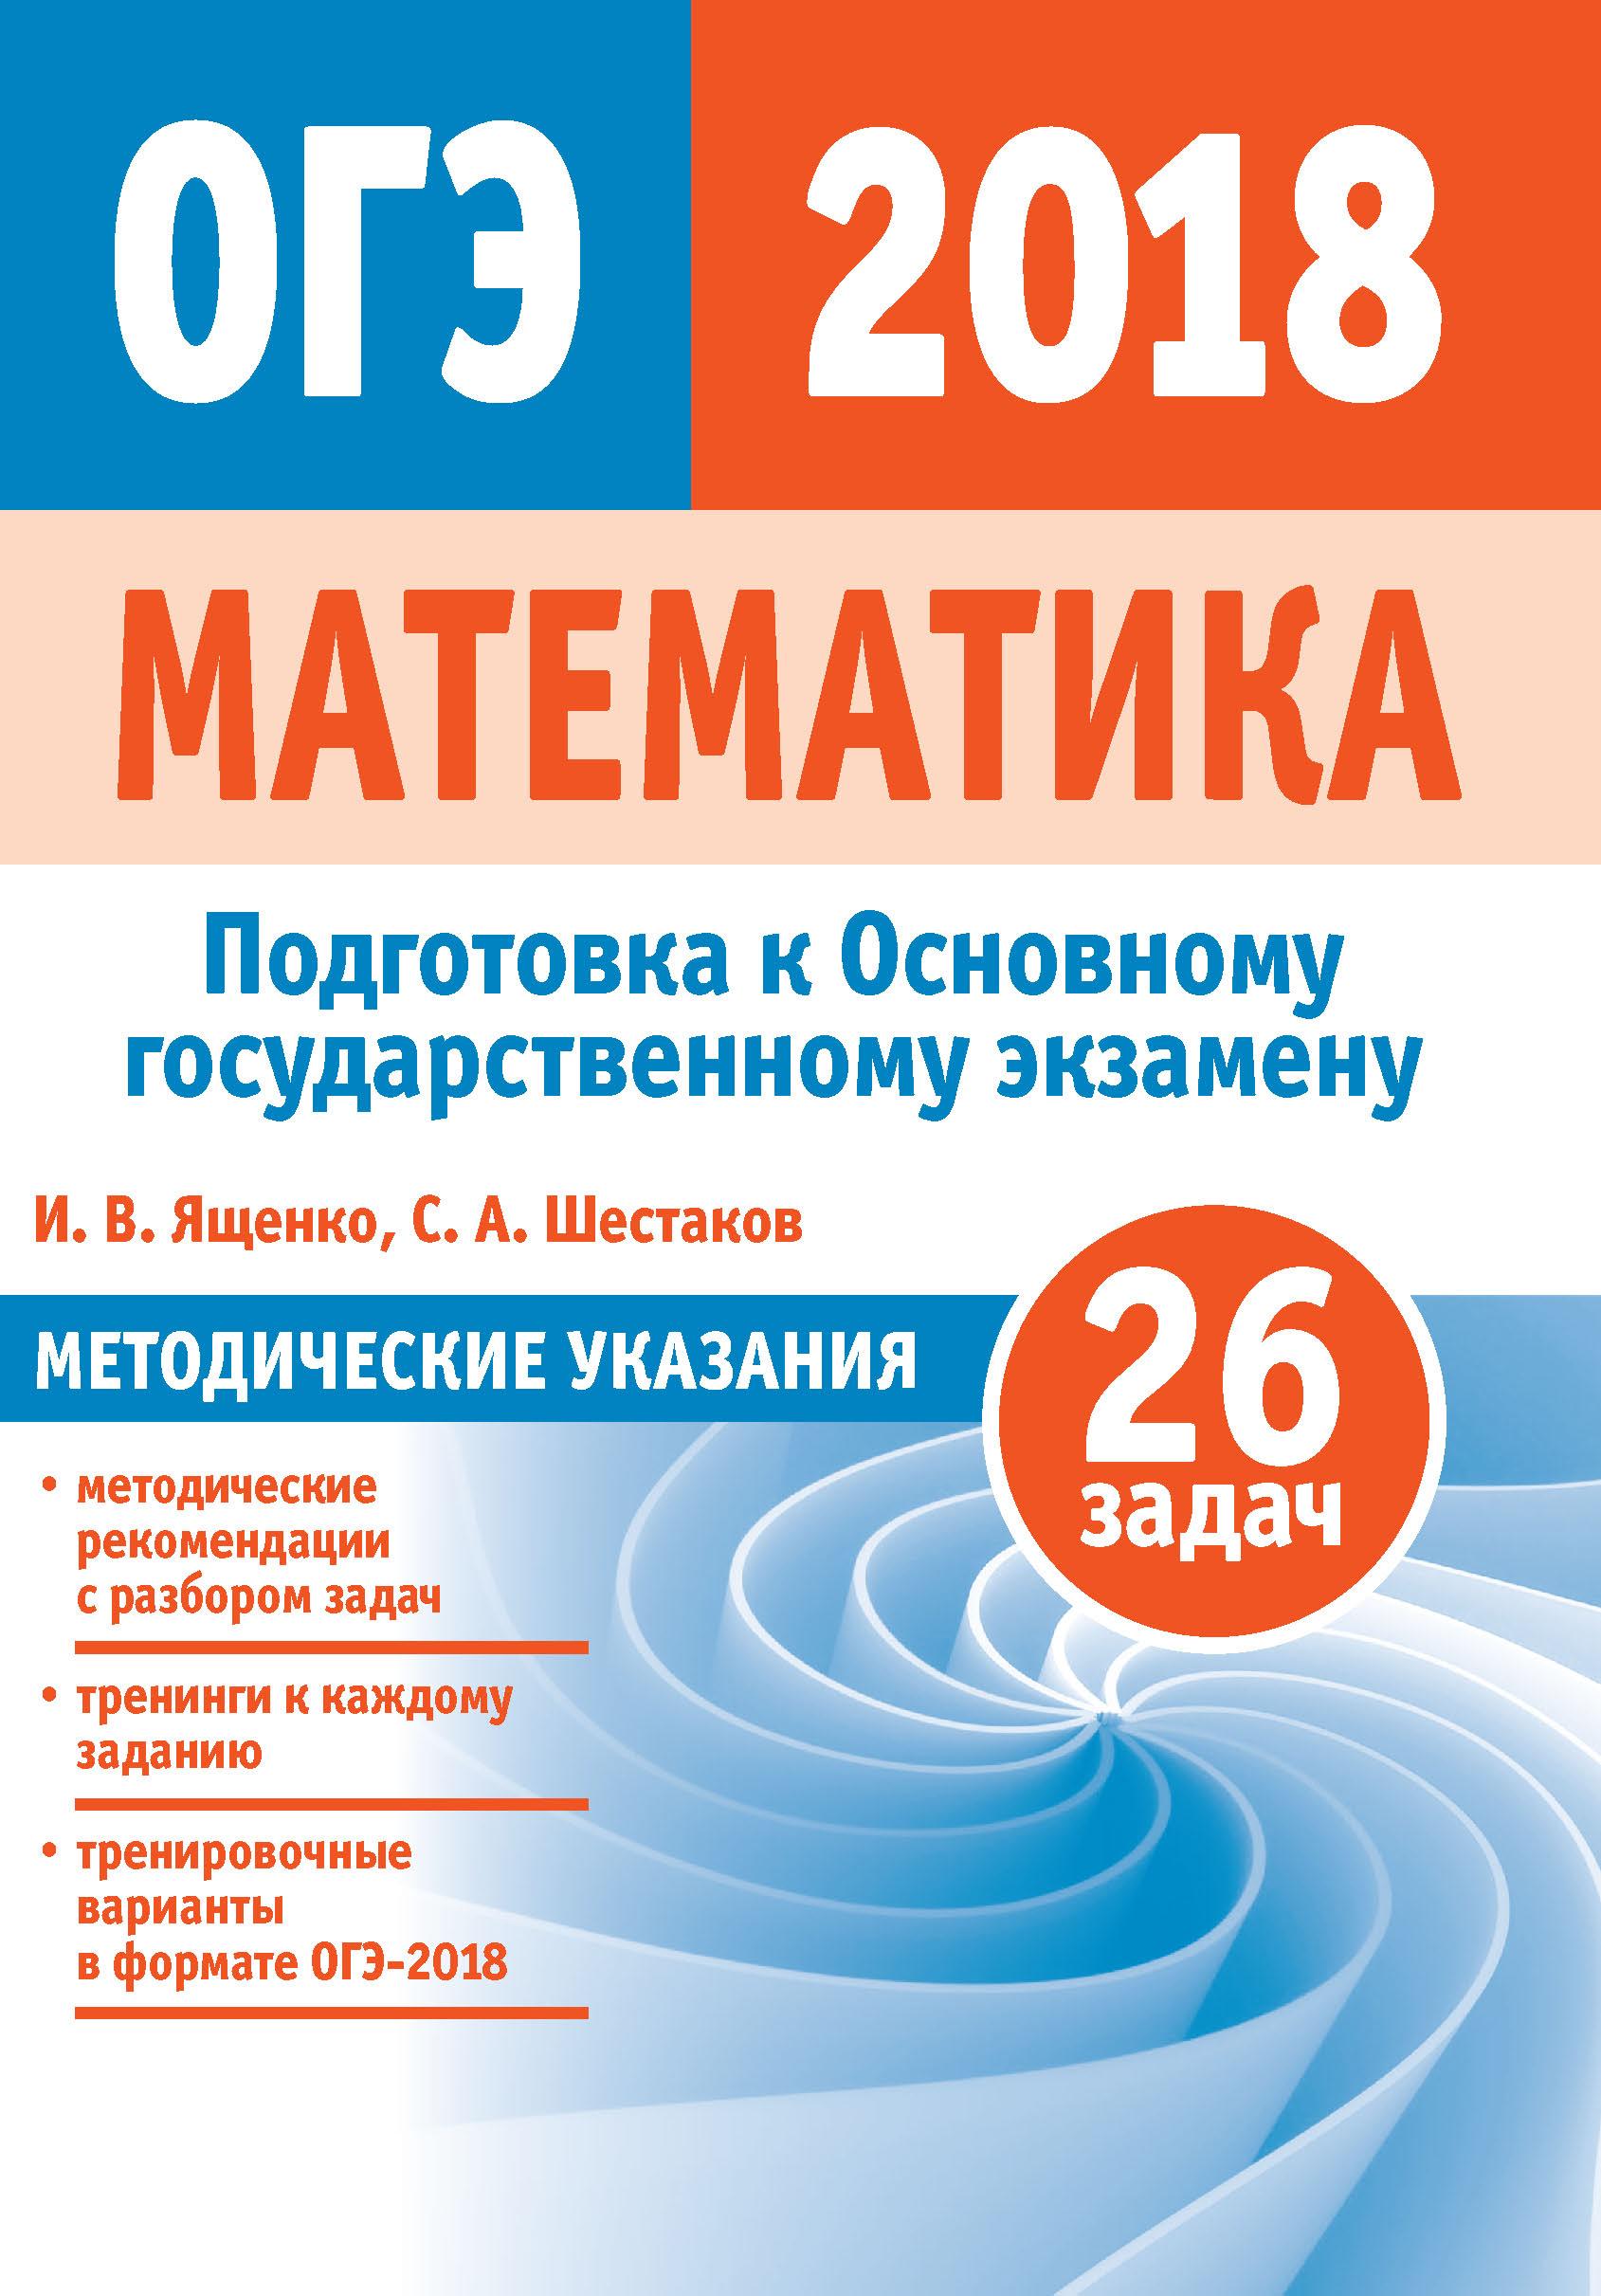 И. В. Ященко Подготовка к ОГЭ по математике 2018. Методические указания